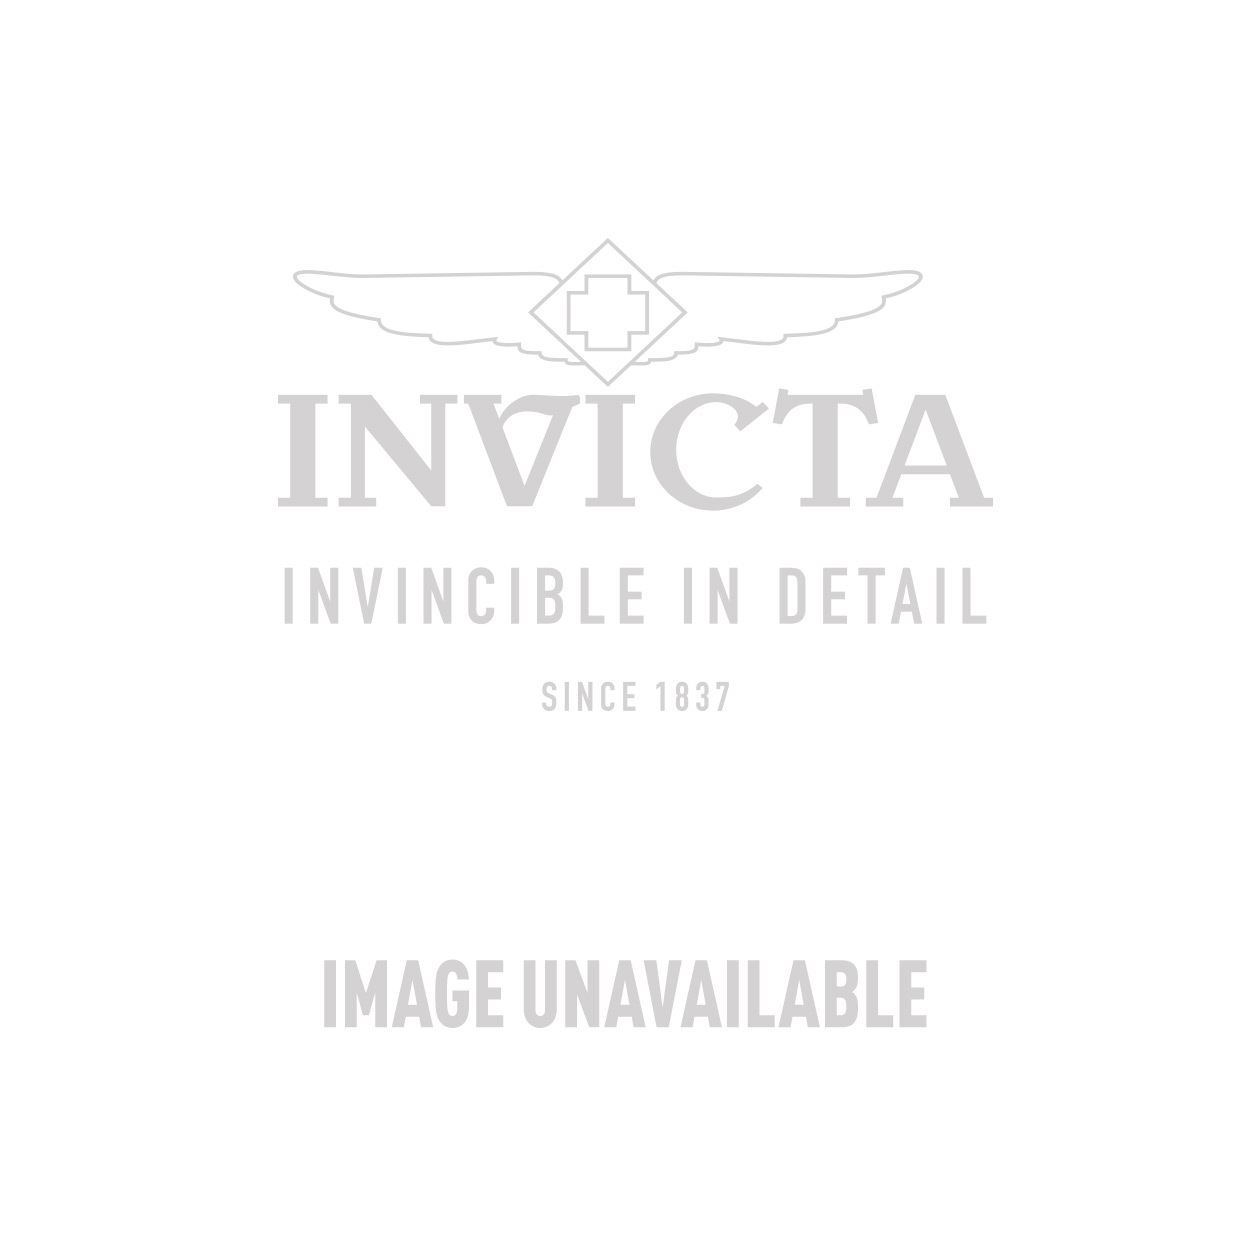 Invicta Model 28206